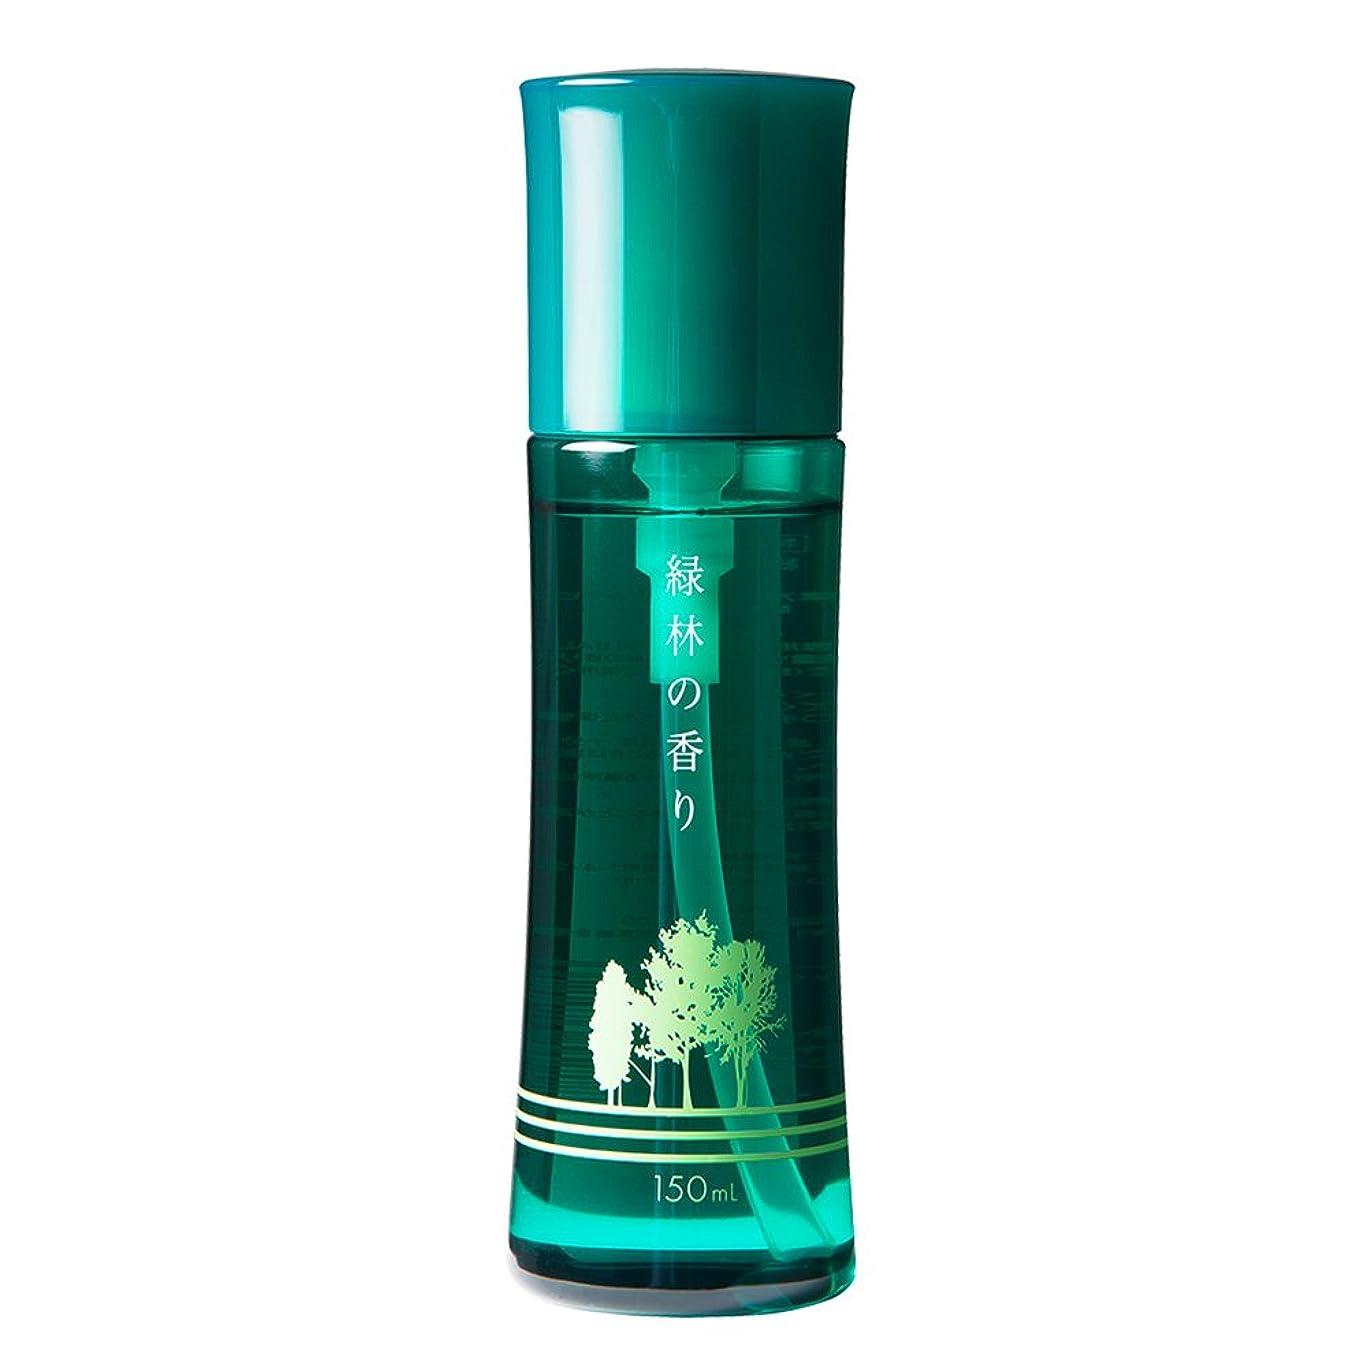 喉頭慣れているドア芳香剤「緑林の香り(みどりの香り)」150mL 日本予防医薬